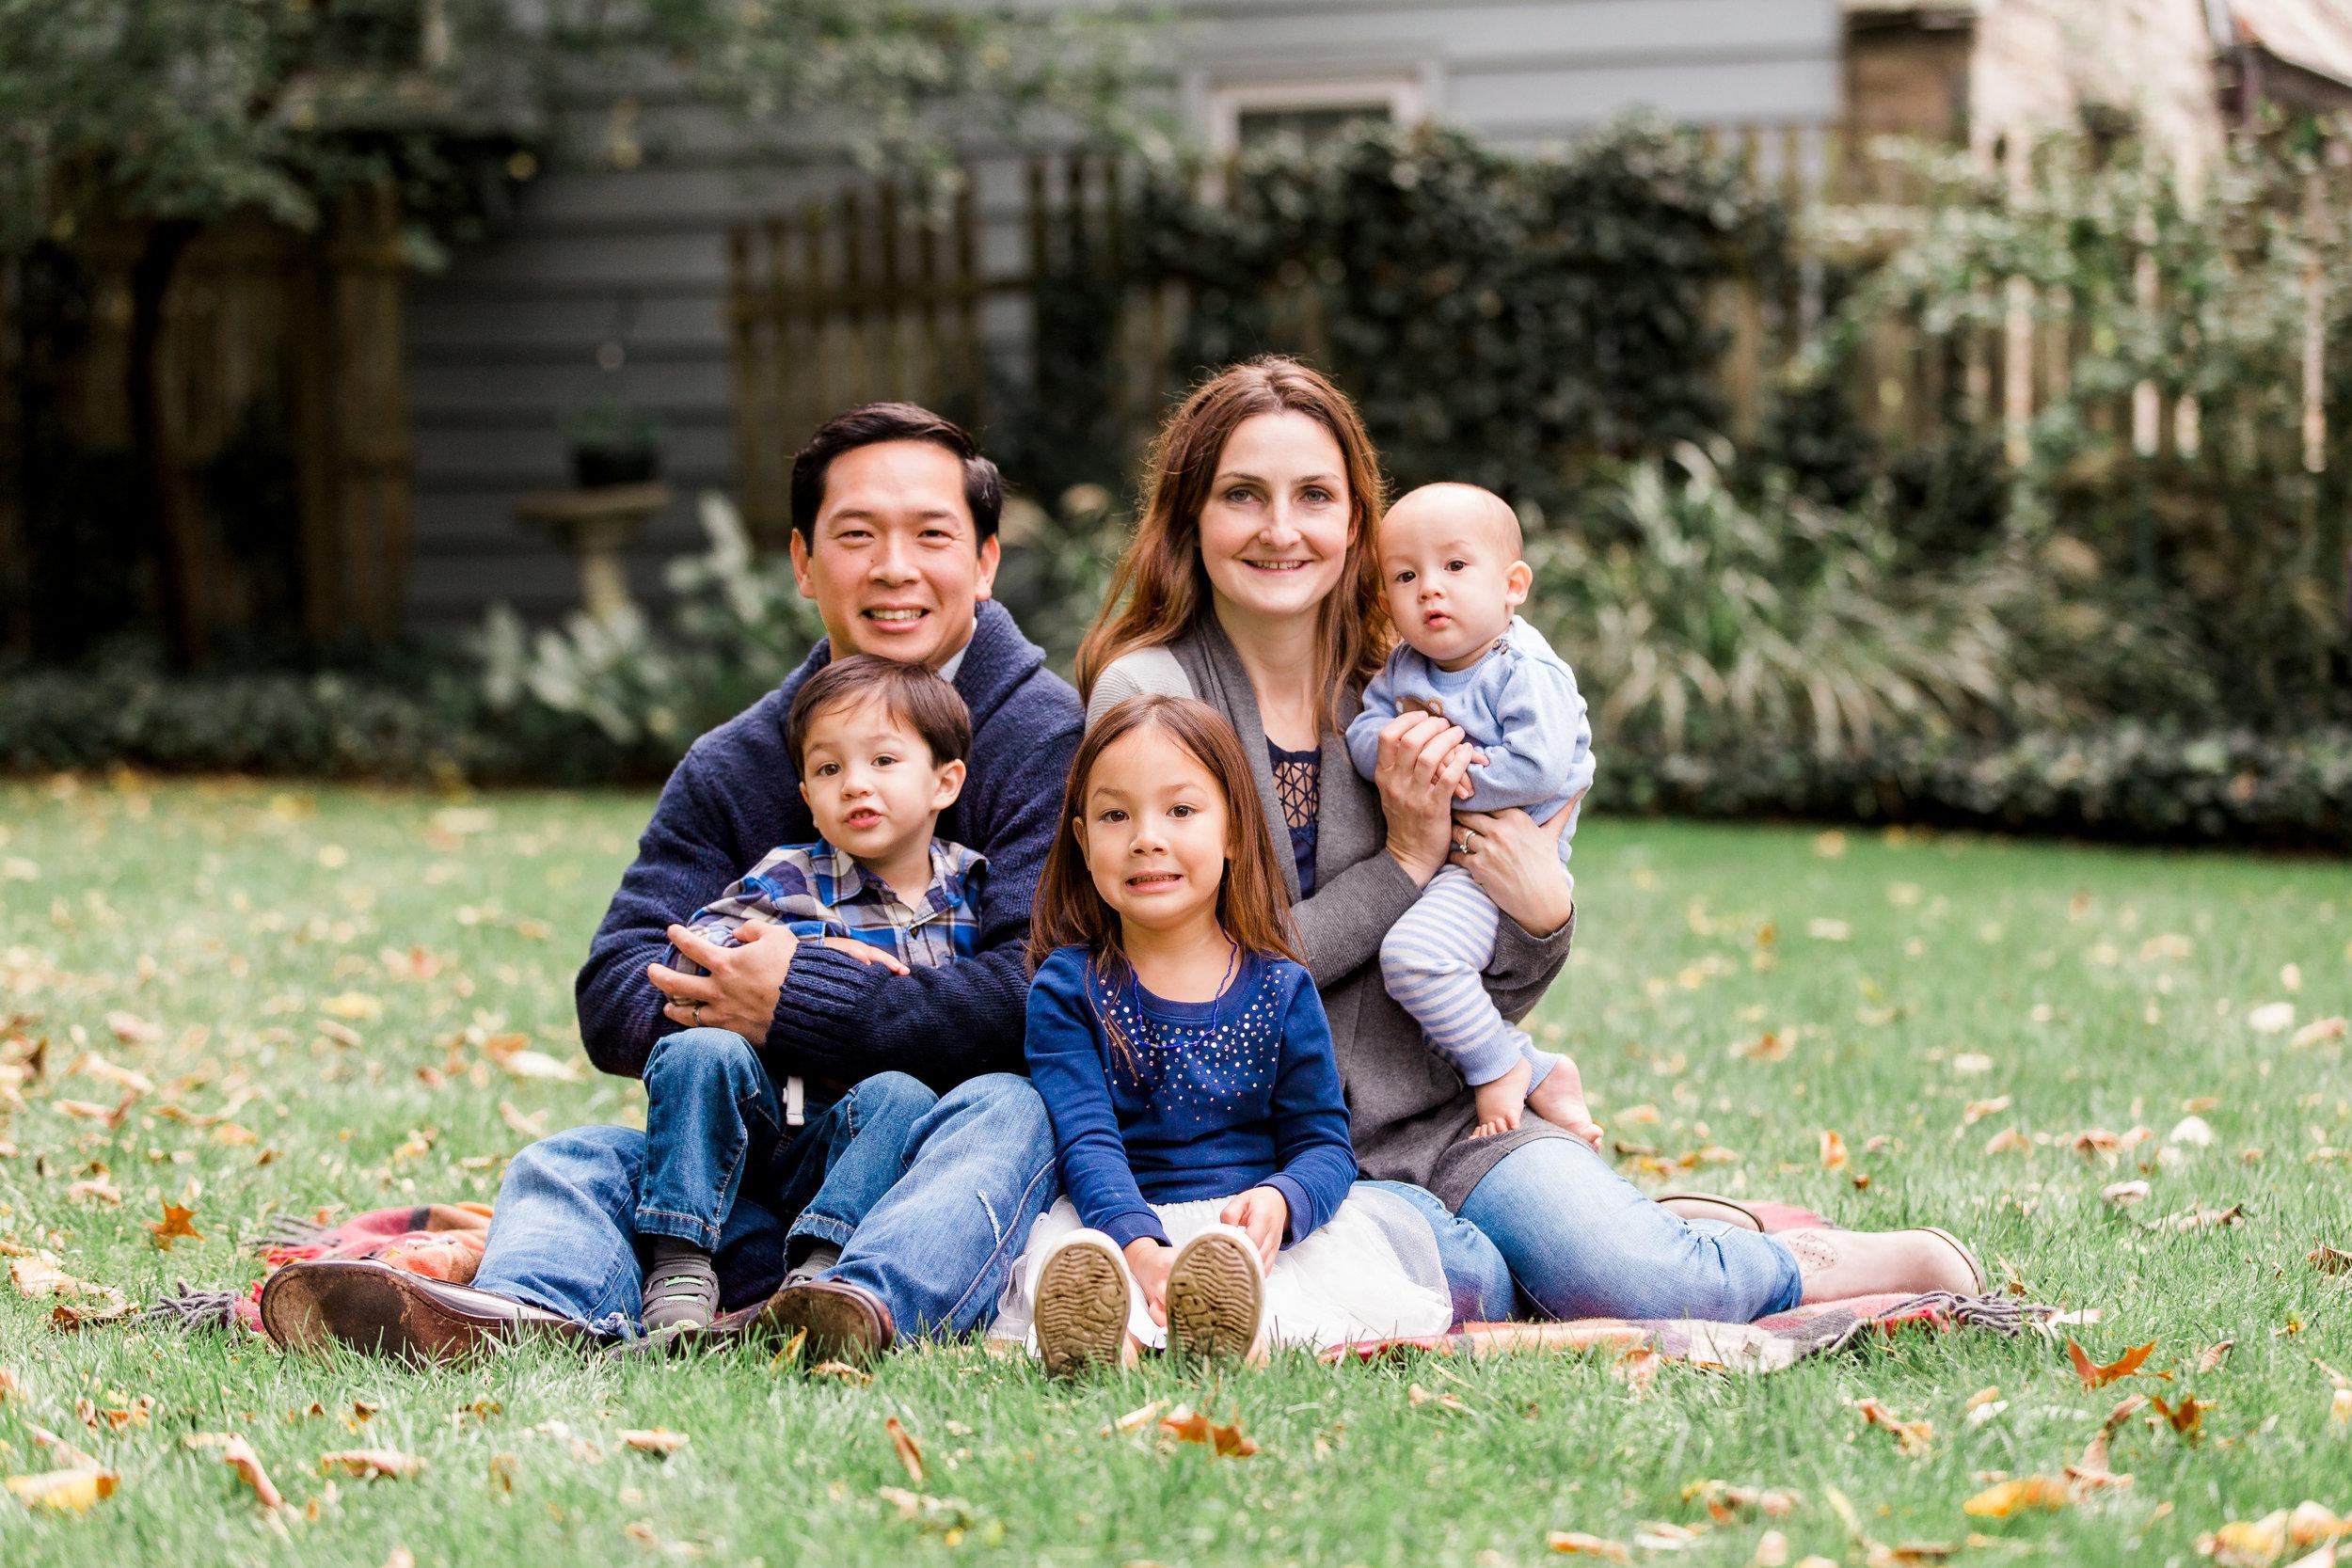 SMP_Emily Nguyen Family_Oct 2017-13.jpg